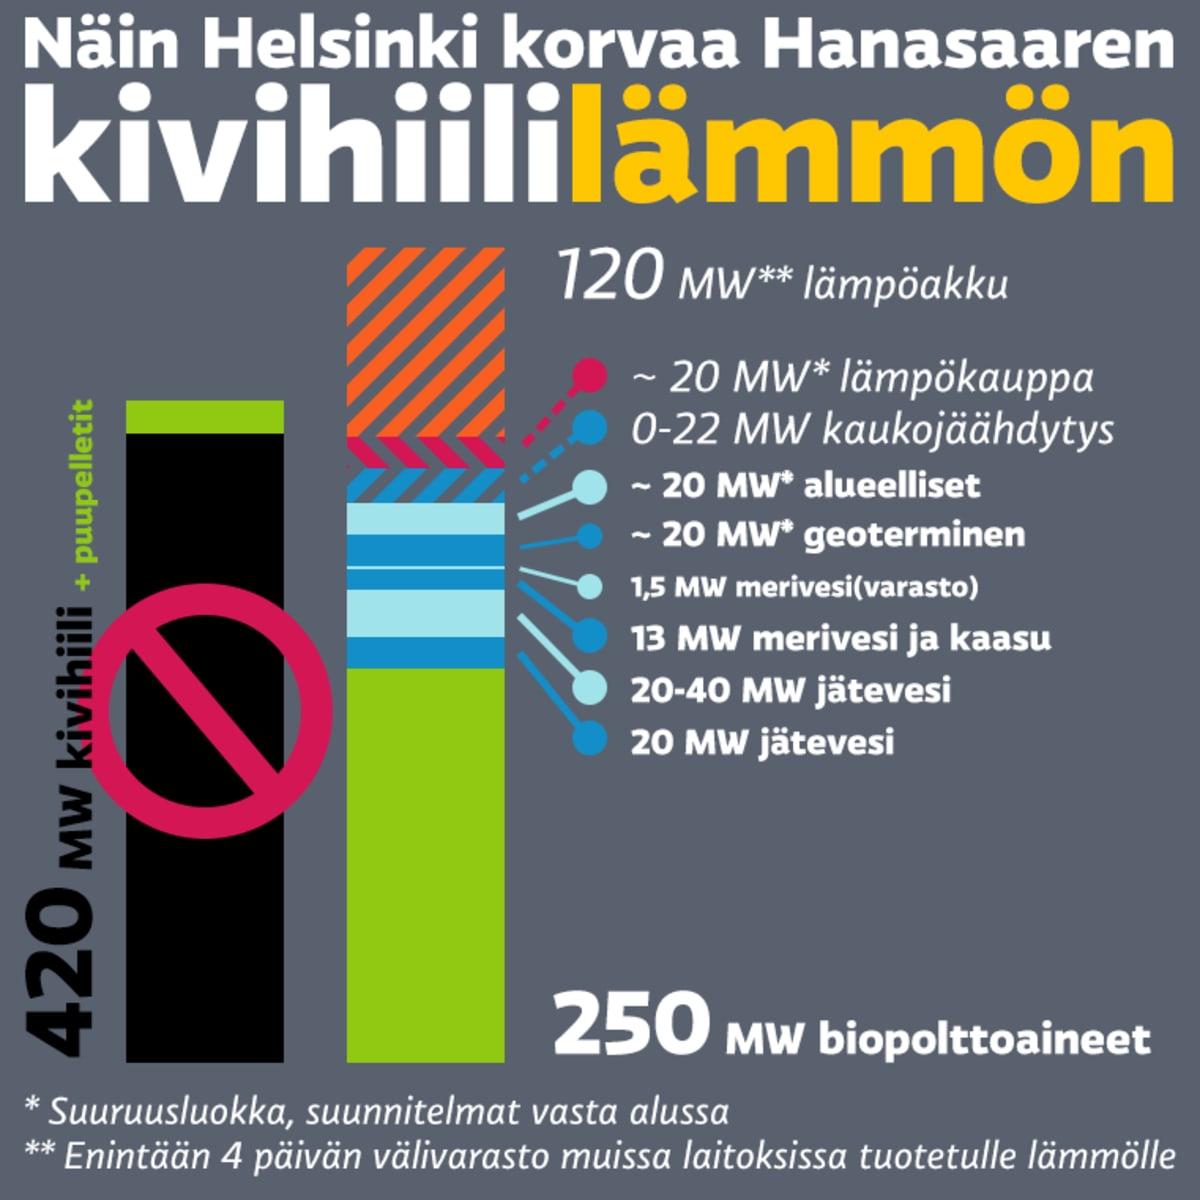 Näin Helsinki korvaa Hanasaaren kivihiililämmön